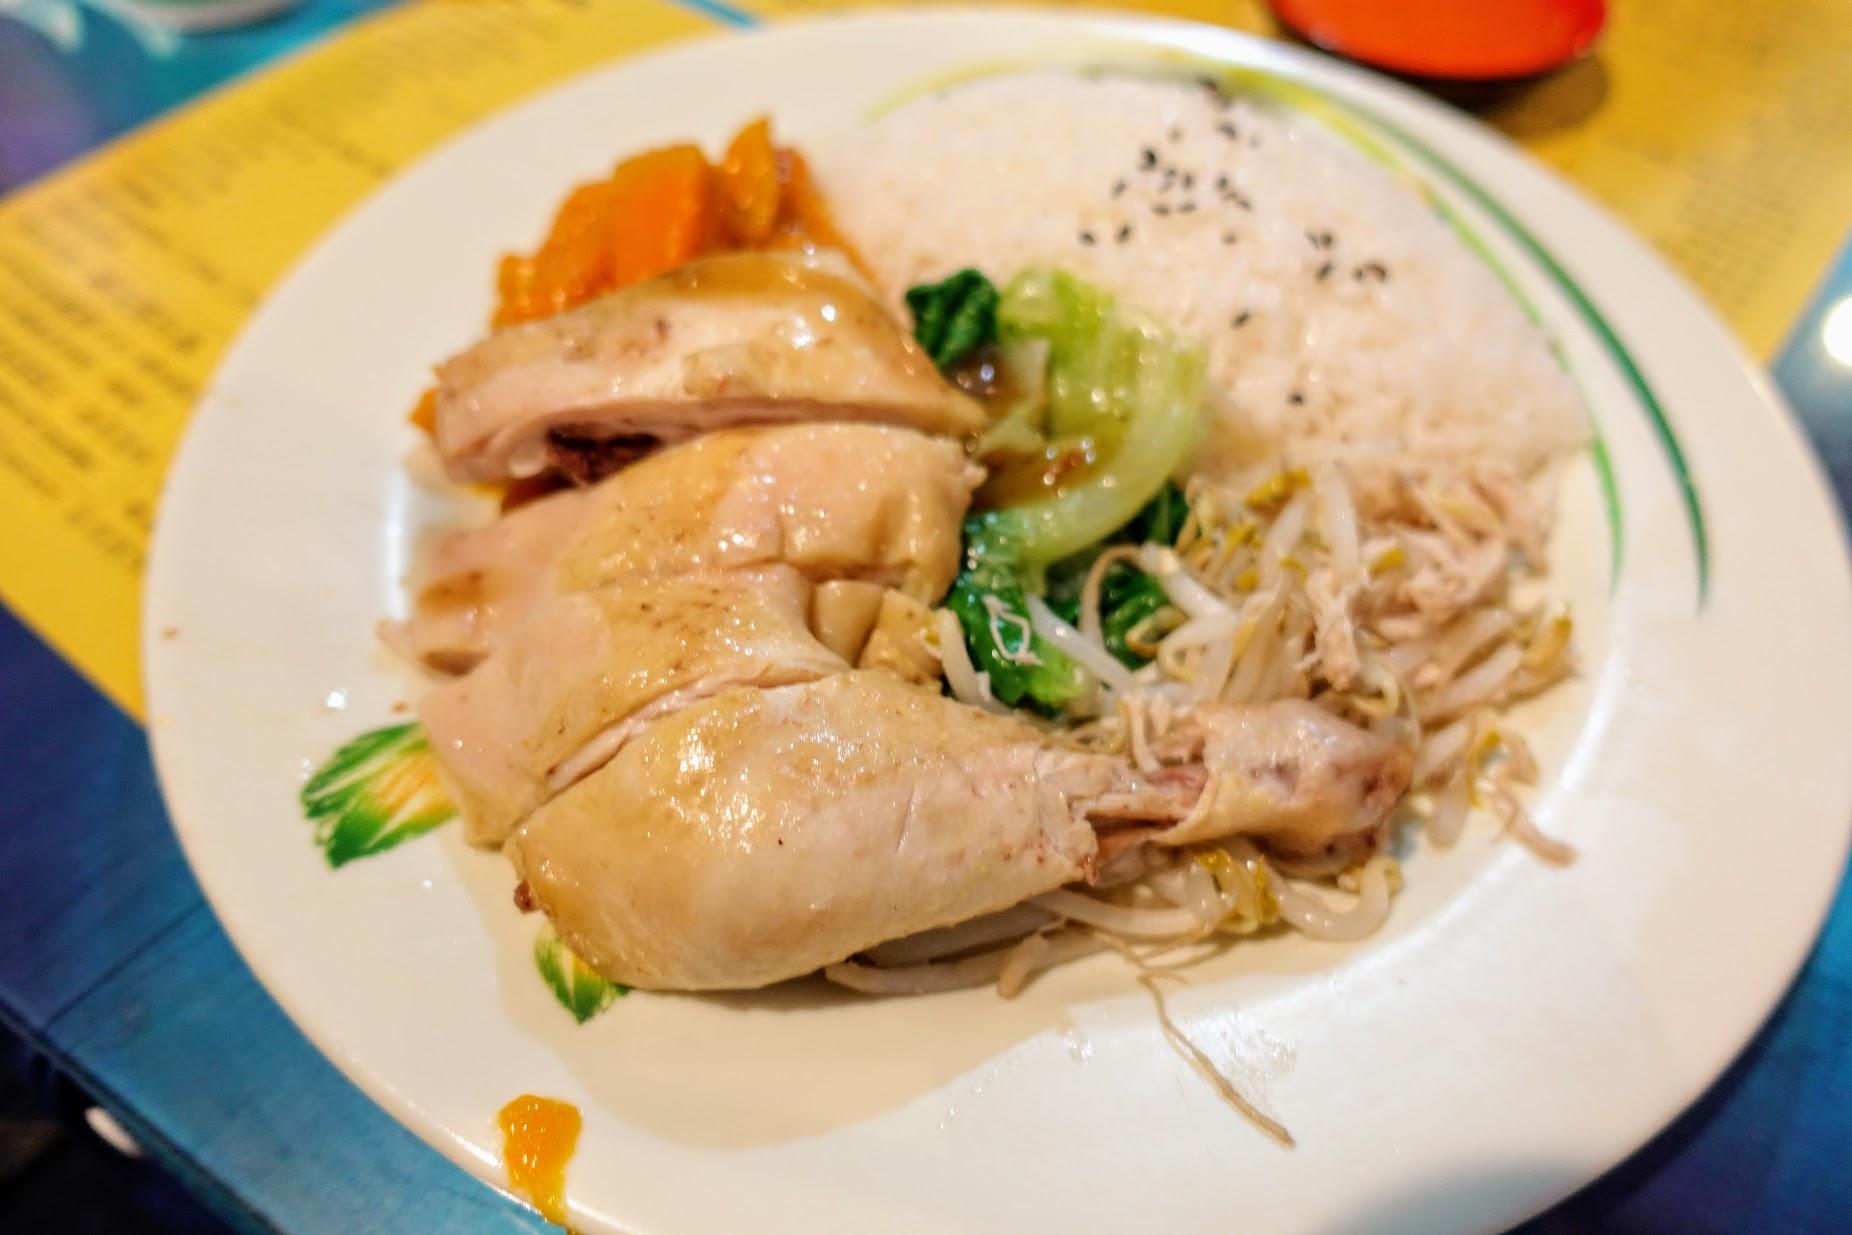 海南雞飯,旁邊有三樣配菜和主力的雞腿,另外也有醬汁可以沾